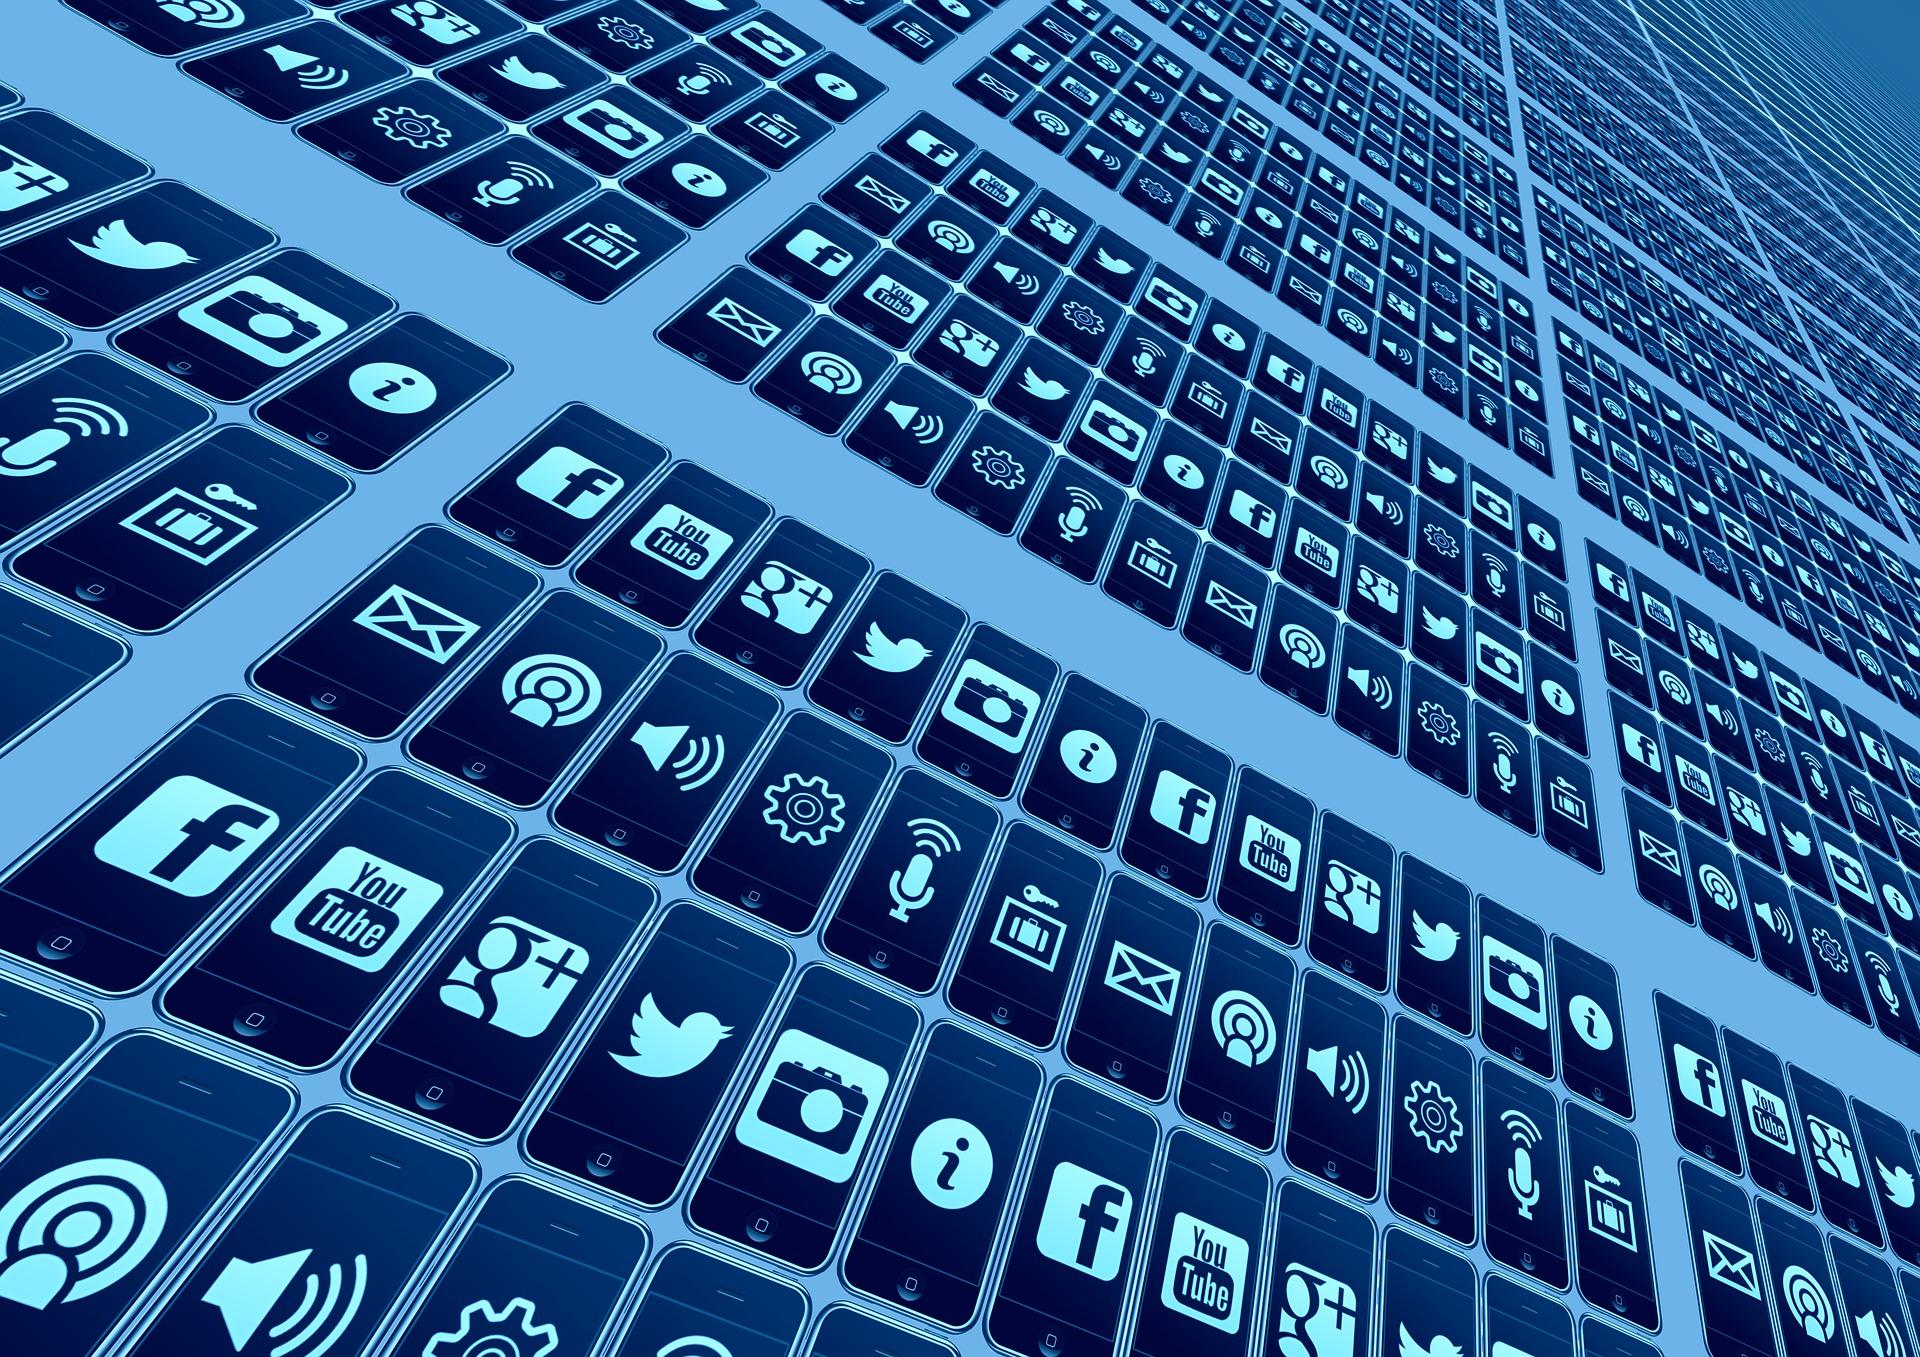 איך לייצר נוכחות דיגיטלית?